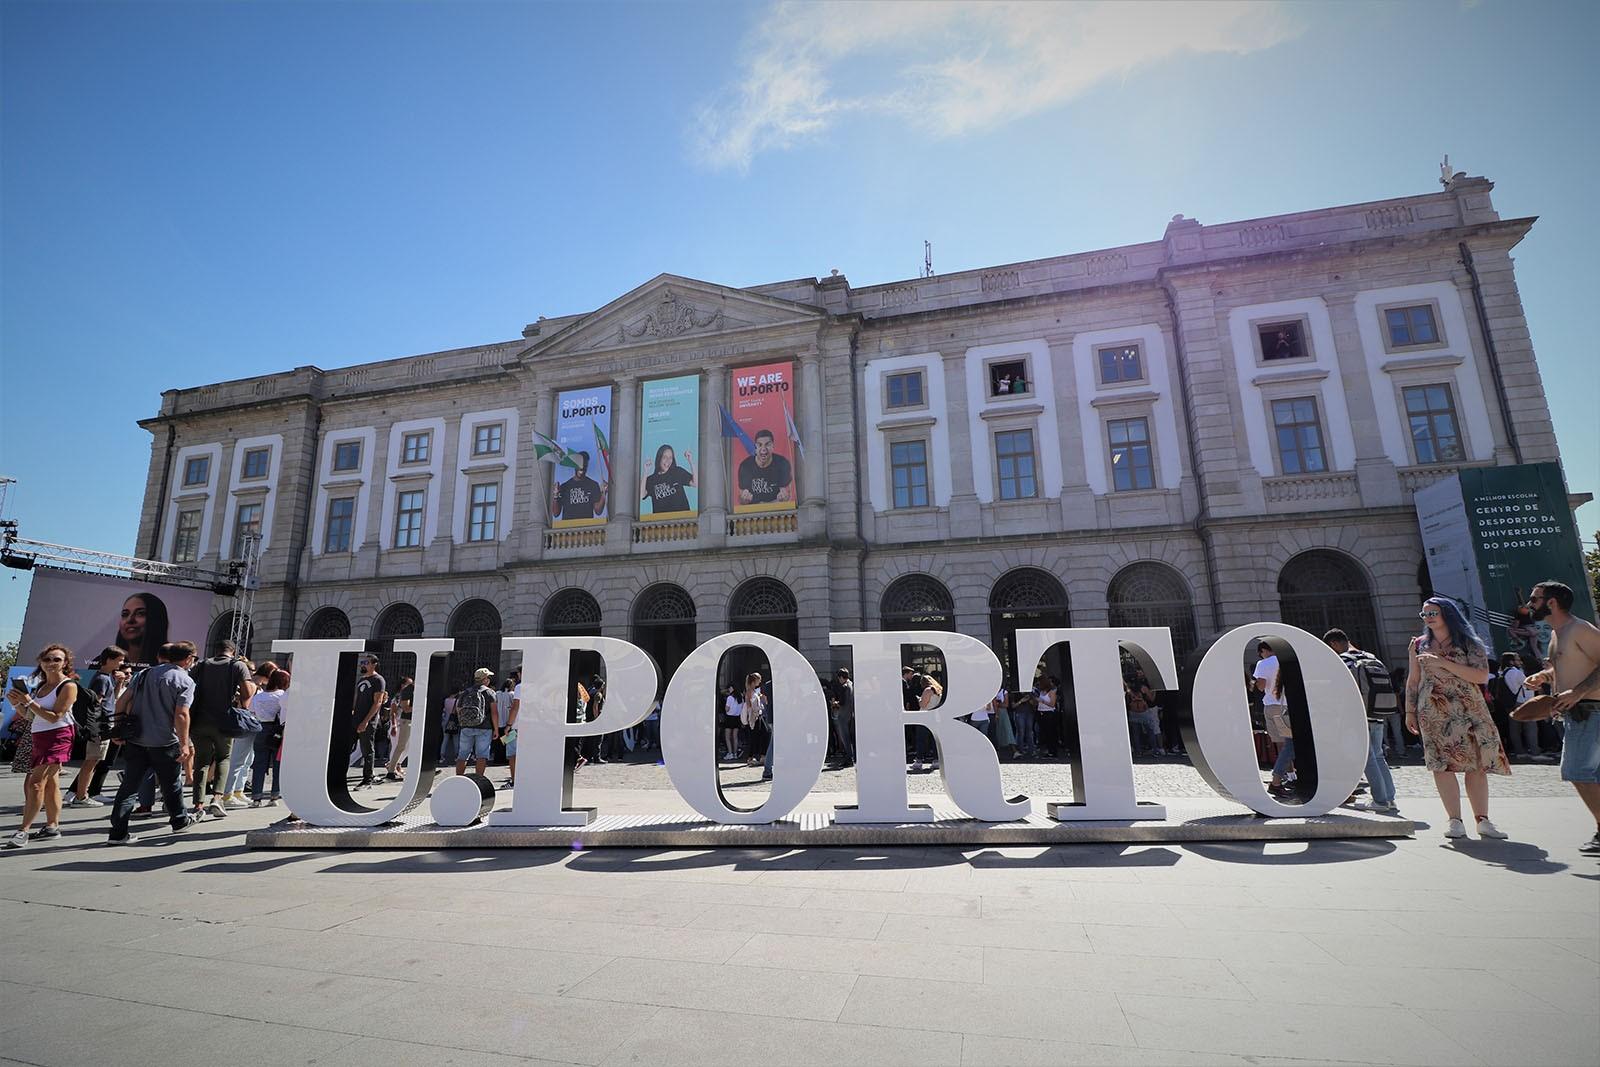 Πανεπιστήμιο του Πόρτο (Universidade do Porto)